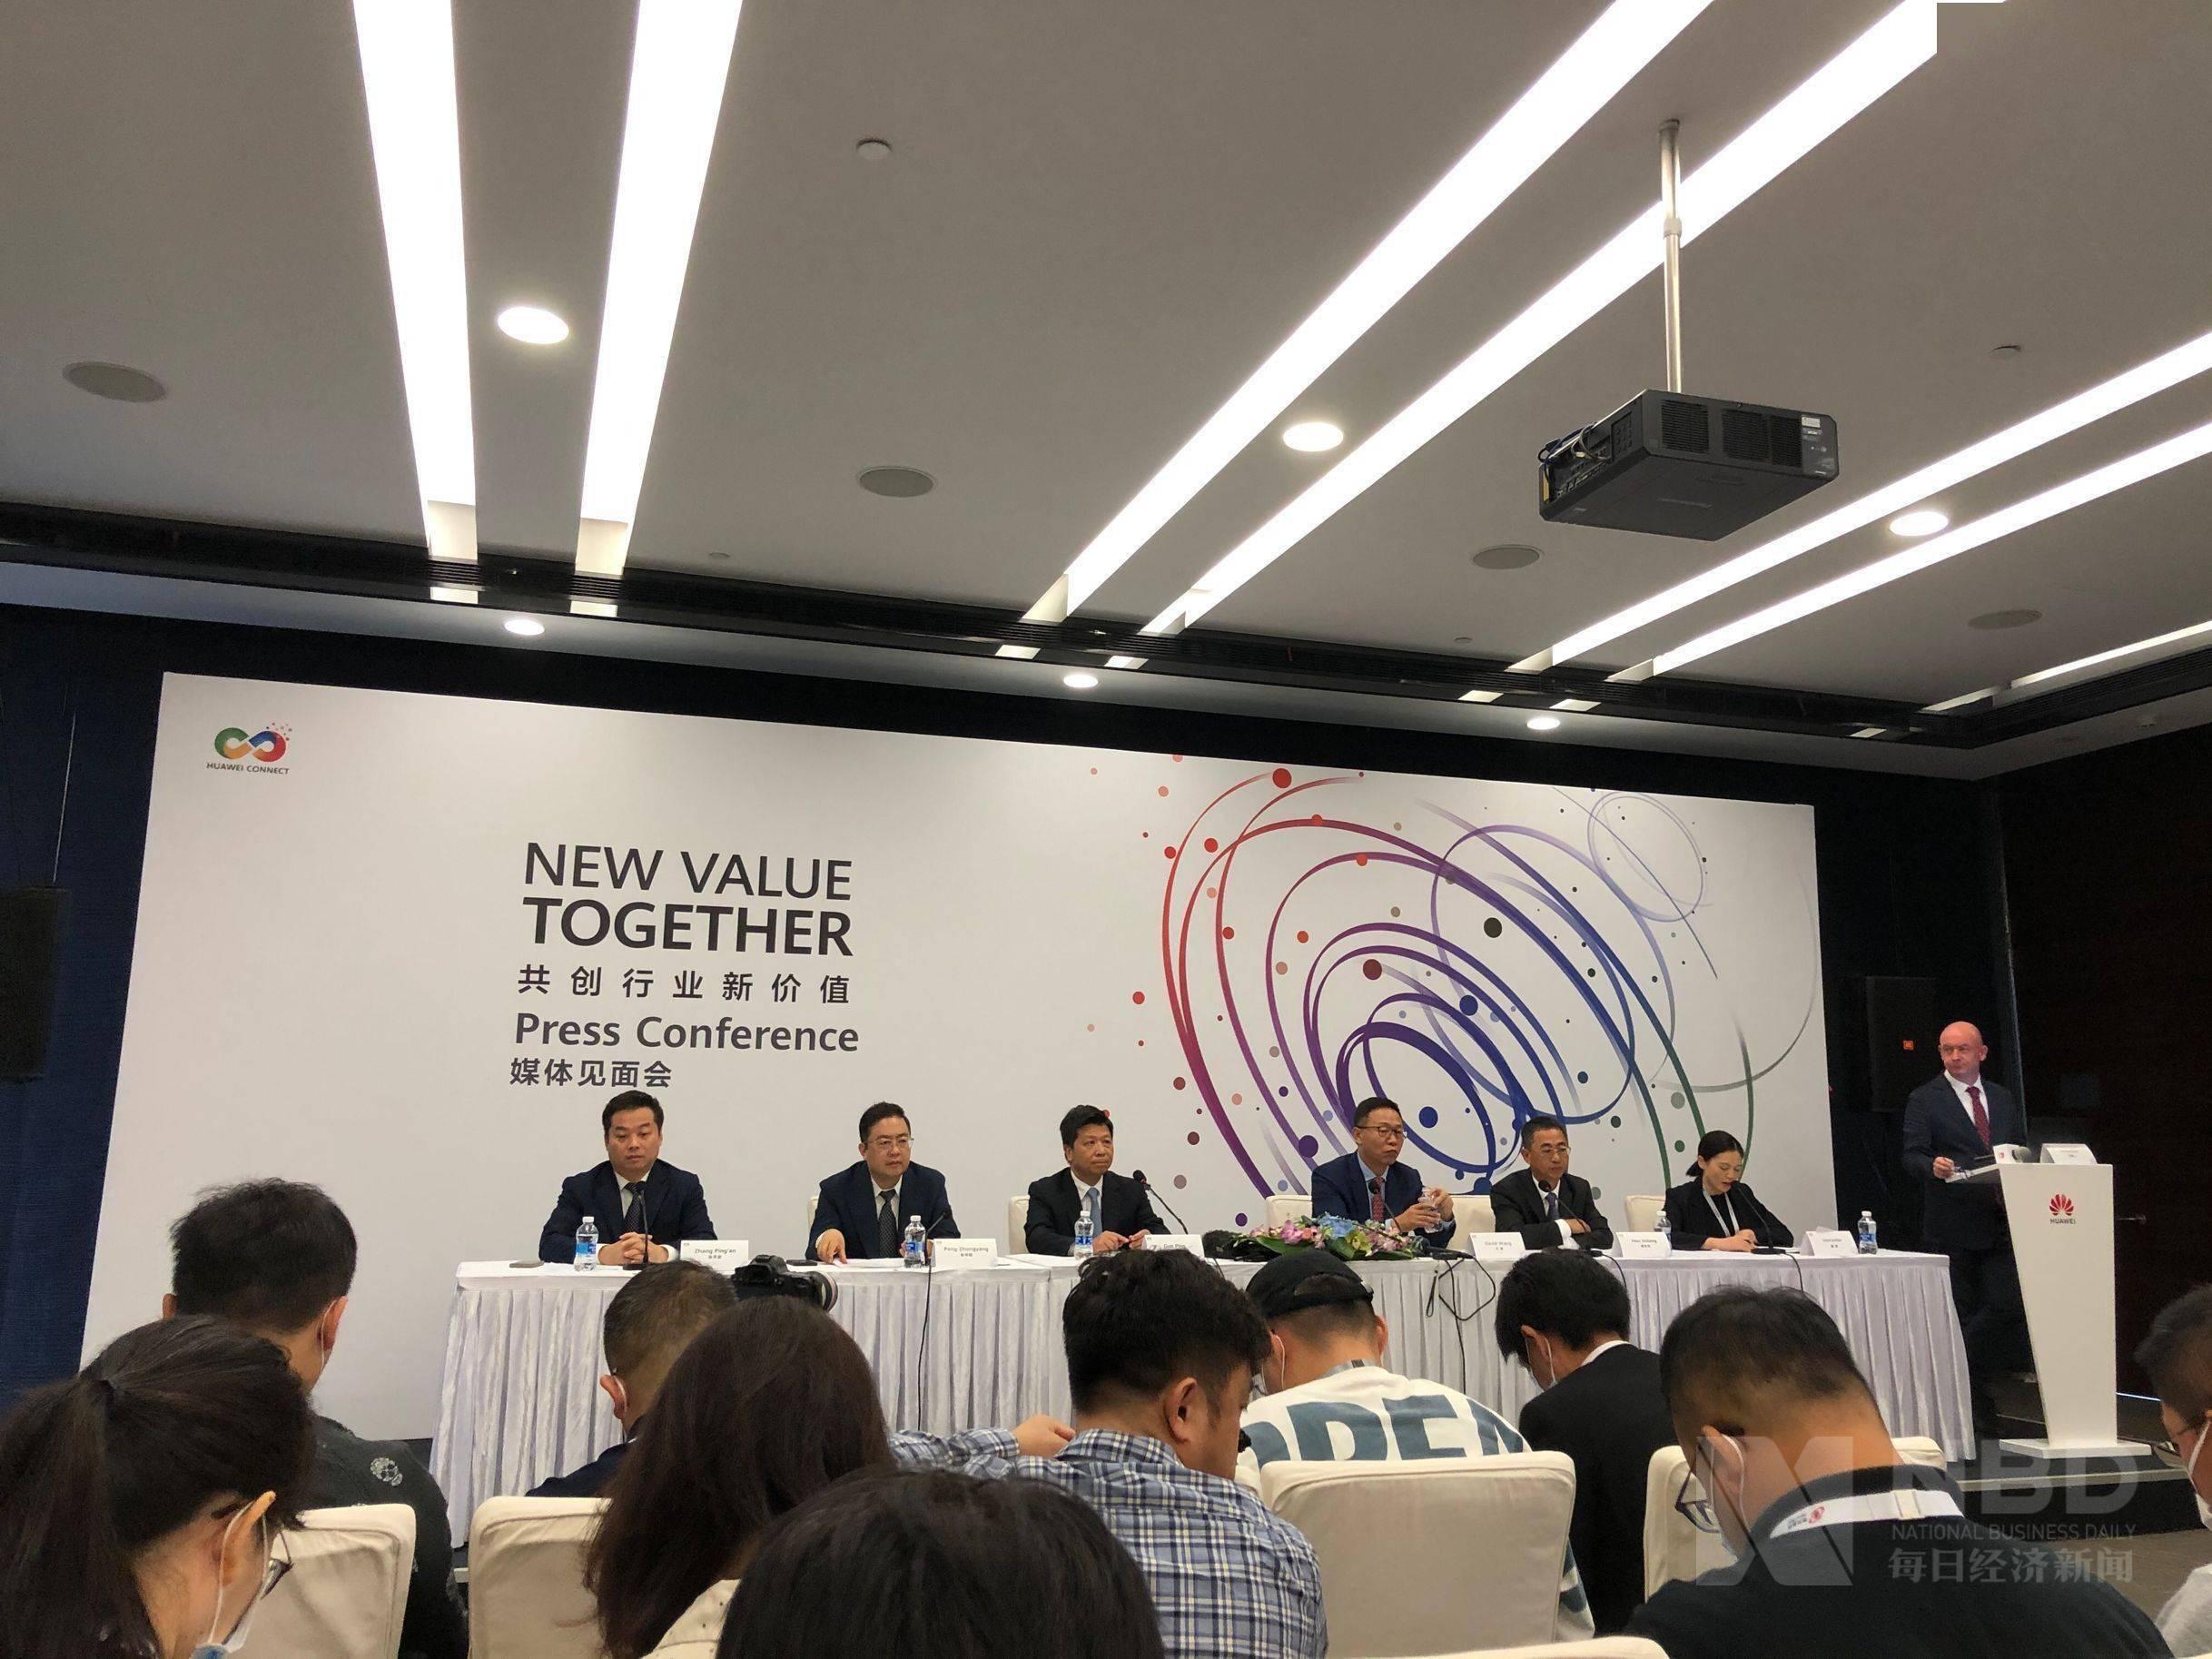 华为轮值董事长郭平回应储芯、造芯等热点问题:手机芯片正积极寻找办法: